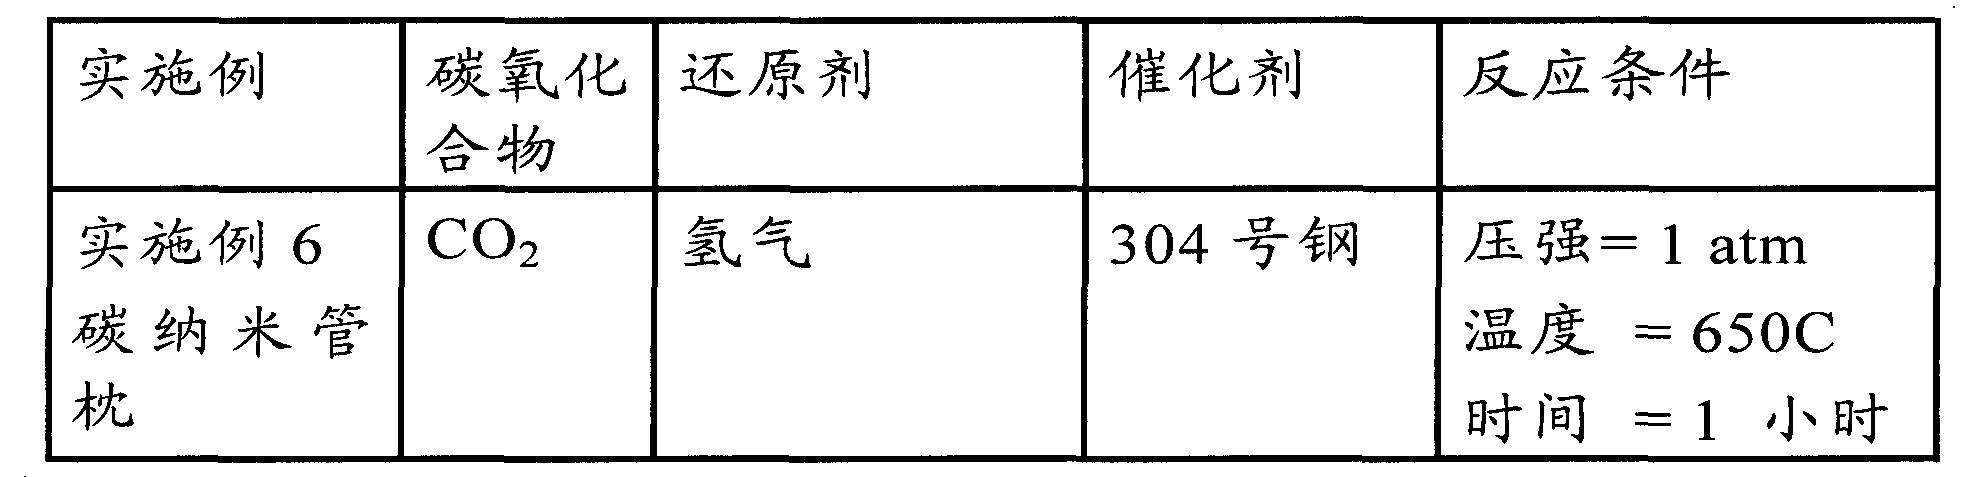 Figure CN102459727BD00262